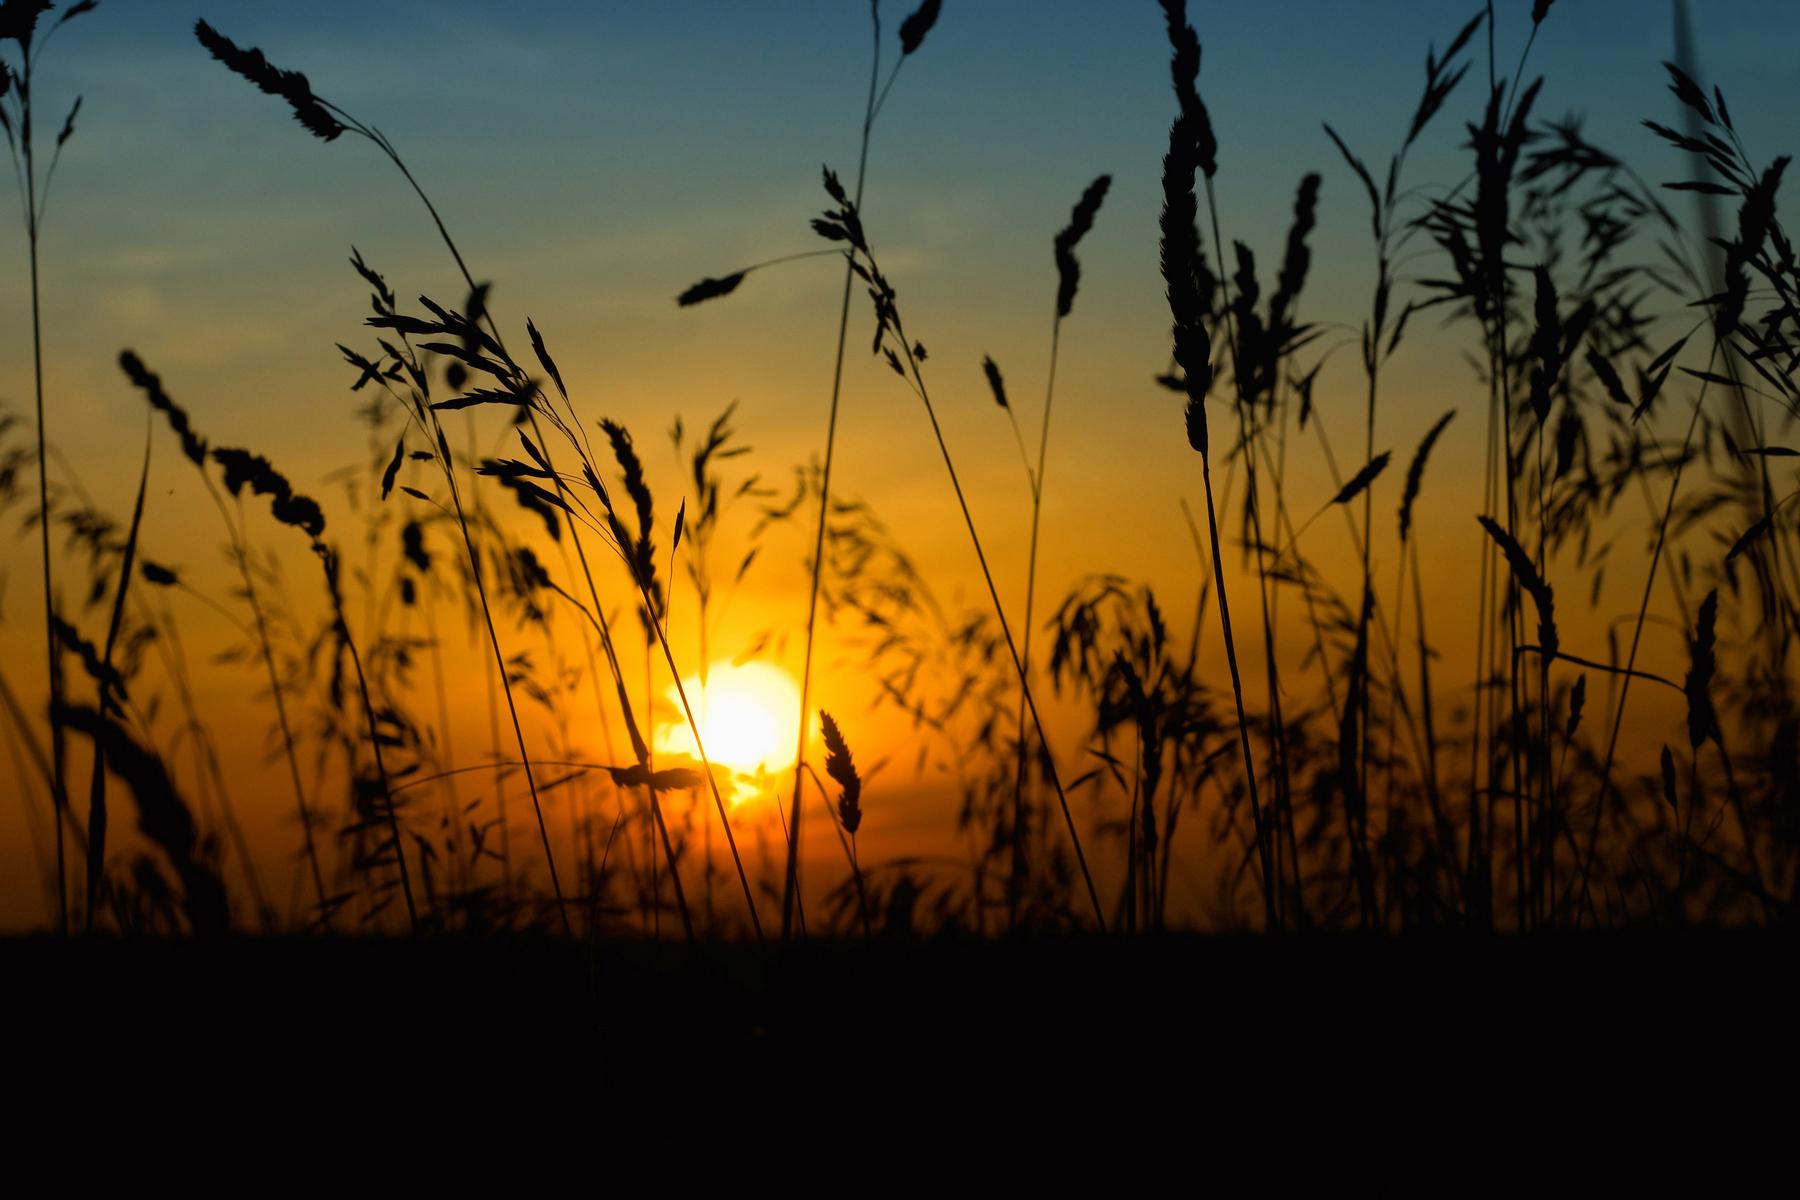 закат в роще. красивая,природа,солнце,удивительный,закат,пейзаж.